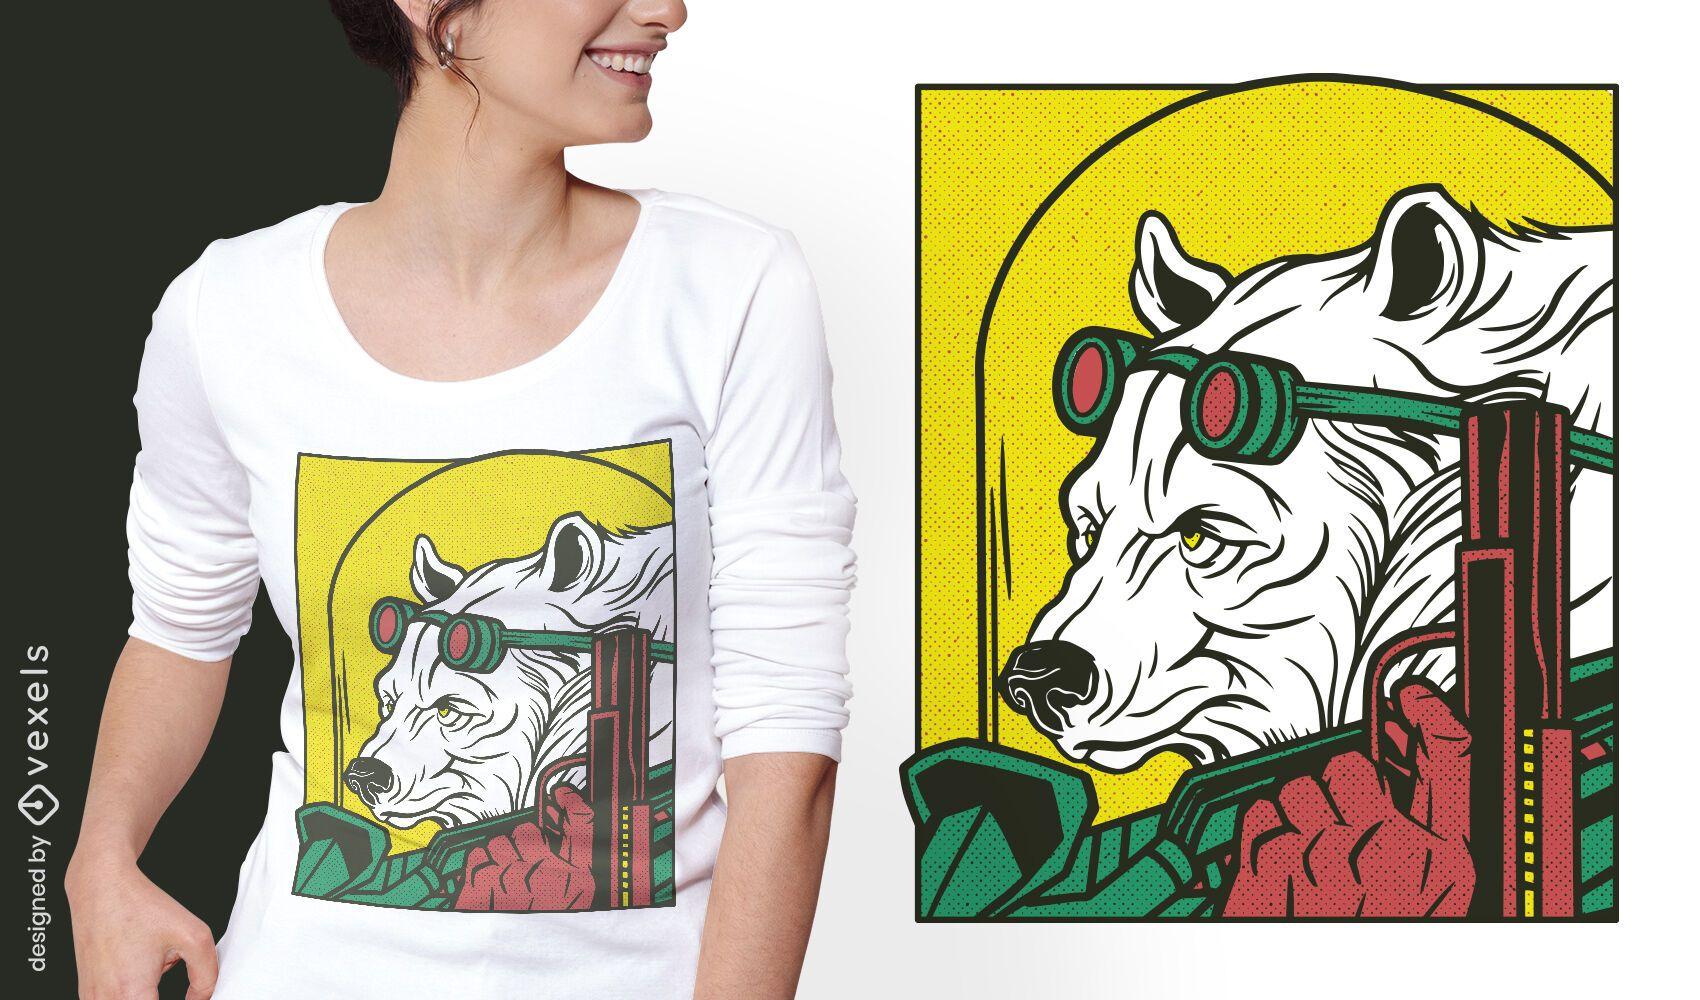 Mafia Bär Tier Comic T-Shirt Design